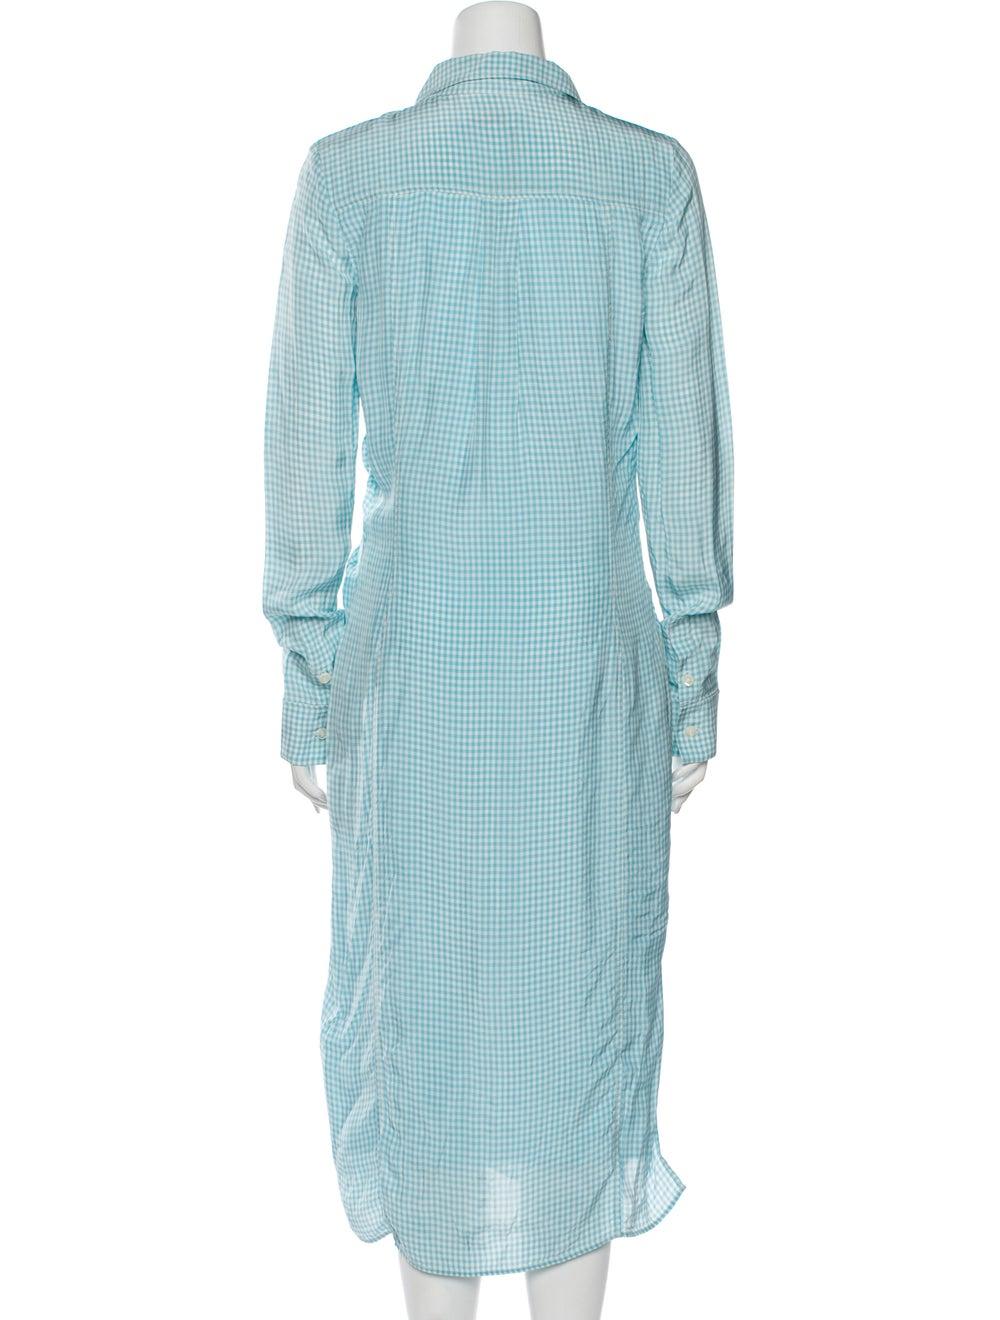 Altuzarra Midi Length Dress Blue - image 3